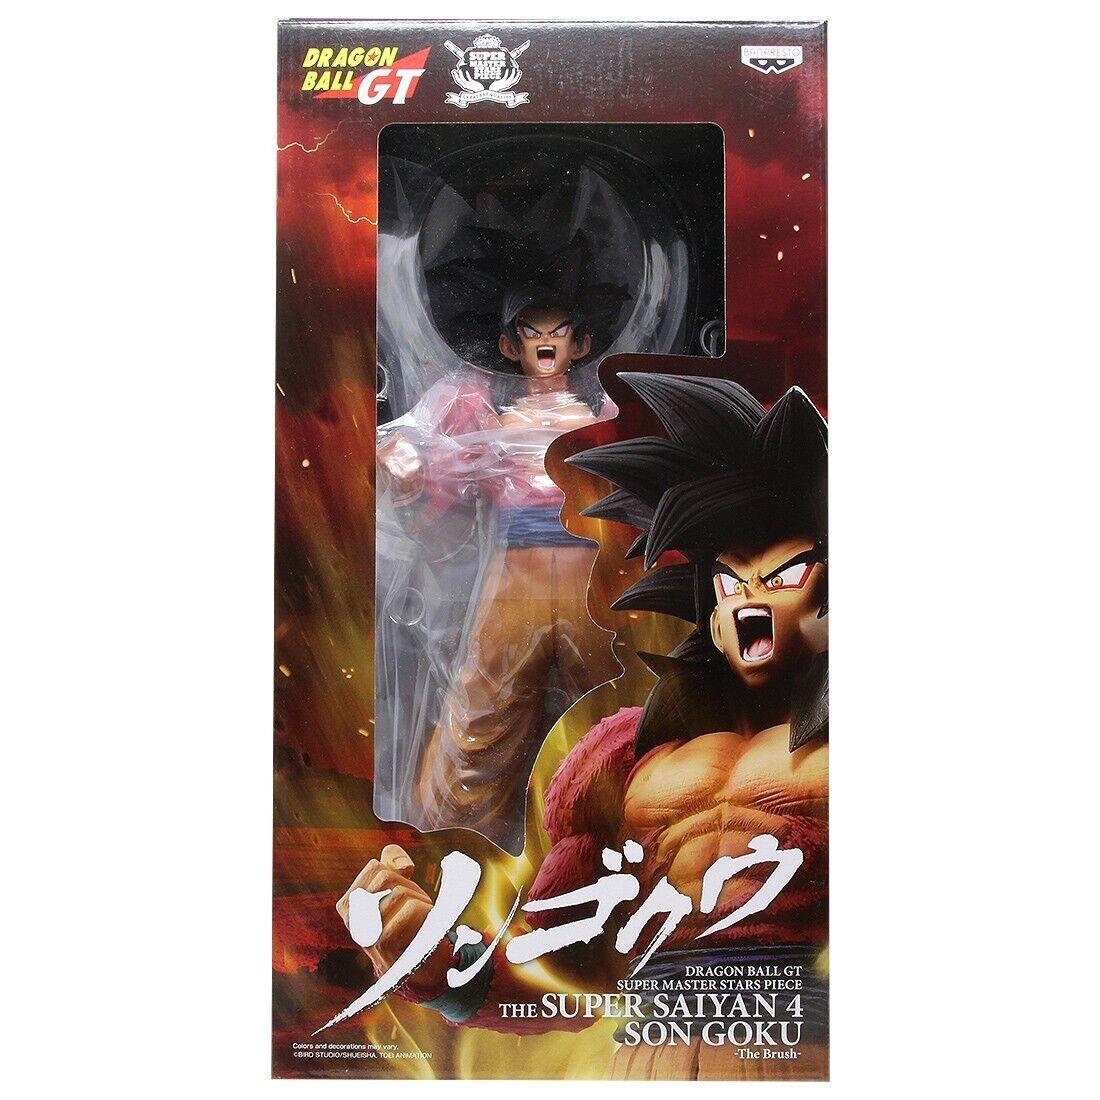 Banpresto Dragon Btutti  GT Super Master estrellas Piece Goku Super Saiyan IV -The Brus  tutti i prodotti ottengono fino al 34% di sconto